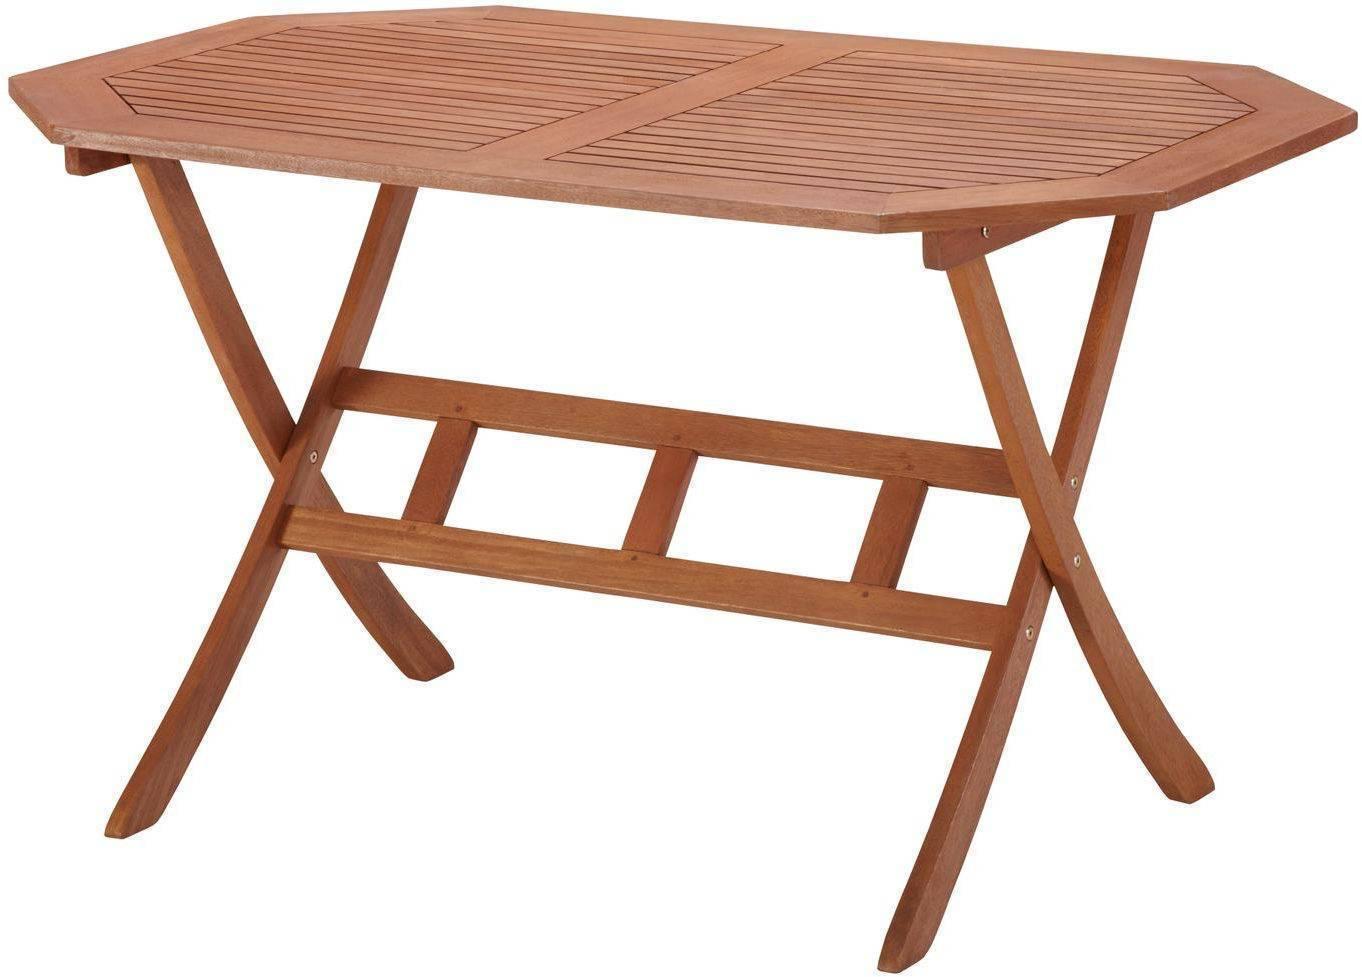 gartenm bel set borkum 13 teilig tisch 135x85 cm inkl auflagen ebay. Black Bedroom Furniture Sets. Home Design Ideas